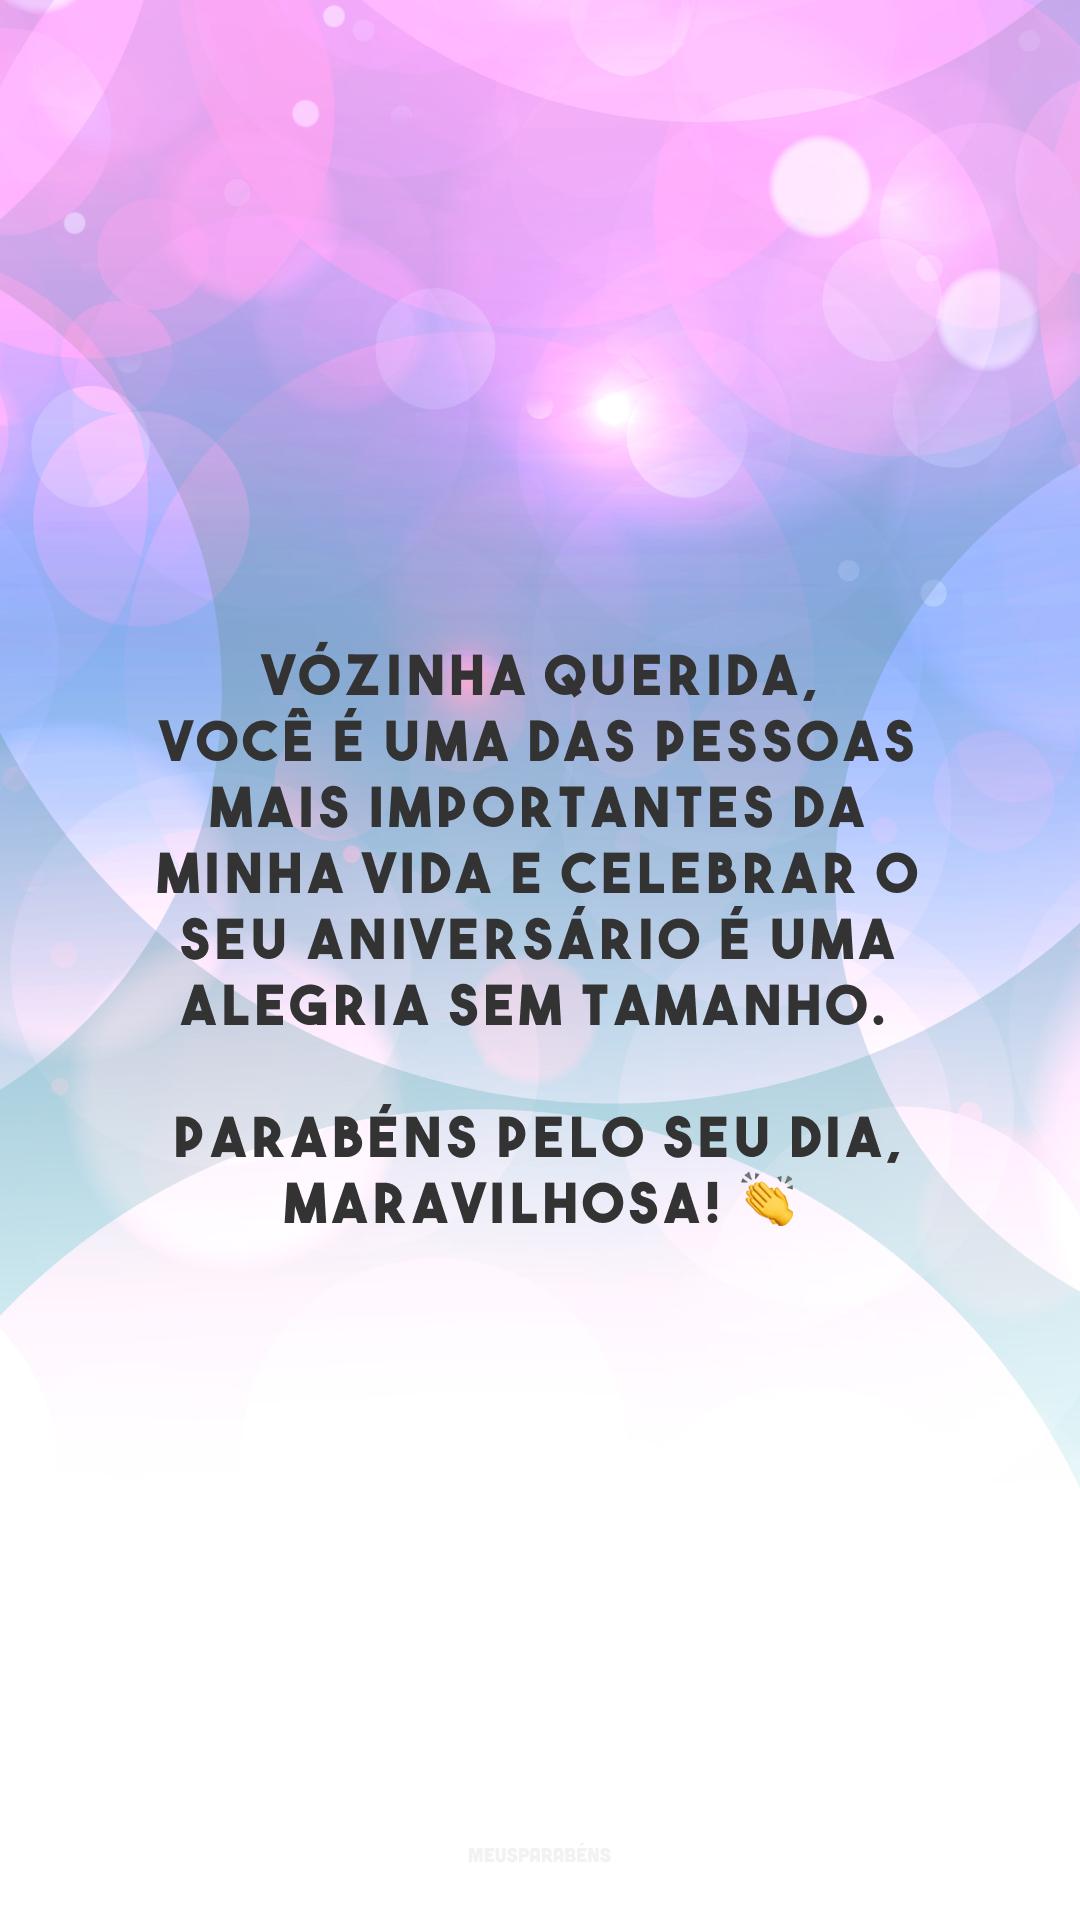 Vózinha querida, você é uma das pessoas mais importantes da minha vida e celebrar o seu aniversário é uma alegria sem tamanho. Parabéns pelo seu dia, maravilhosa! 👏